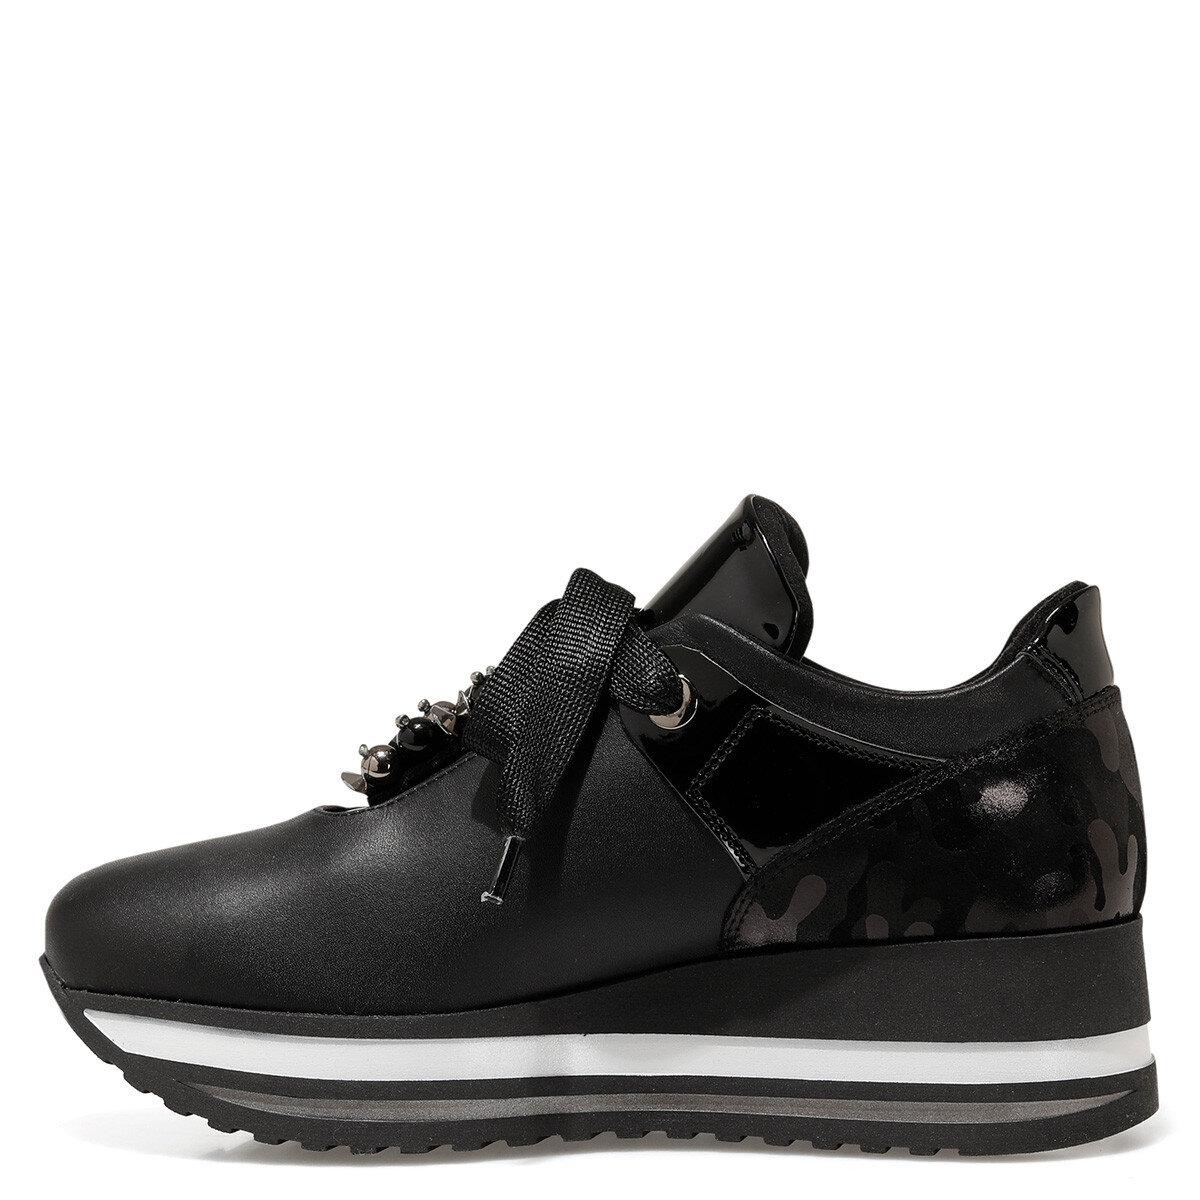 VAMUR Siyah Kadın Comfort Ayakkabı